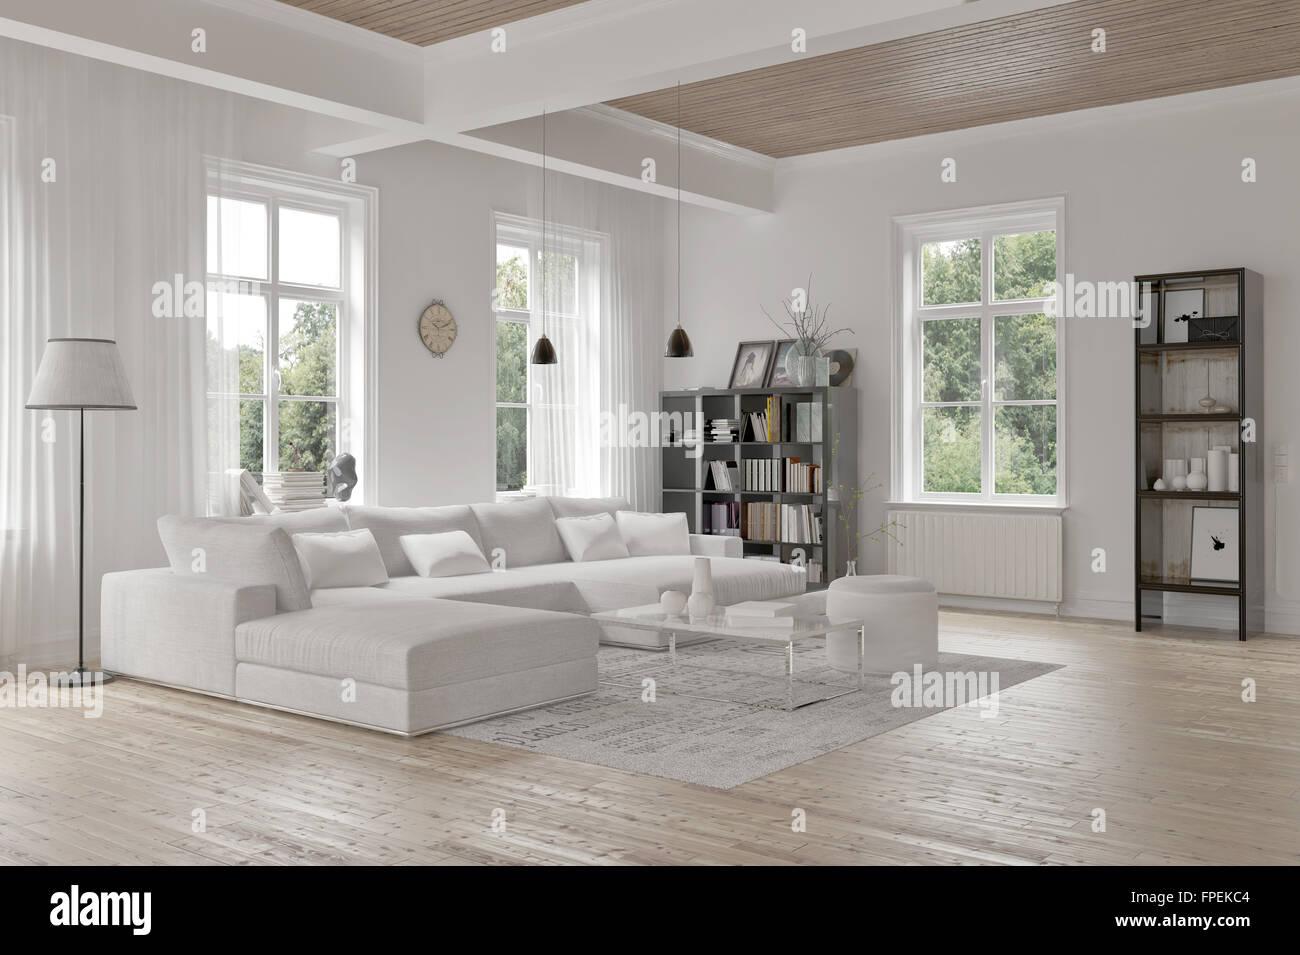 Modernes Loft Wohnzimmer Interieur mit einfarbigen weißen ...